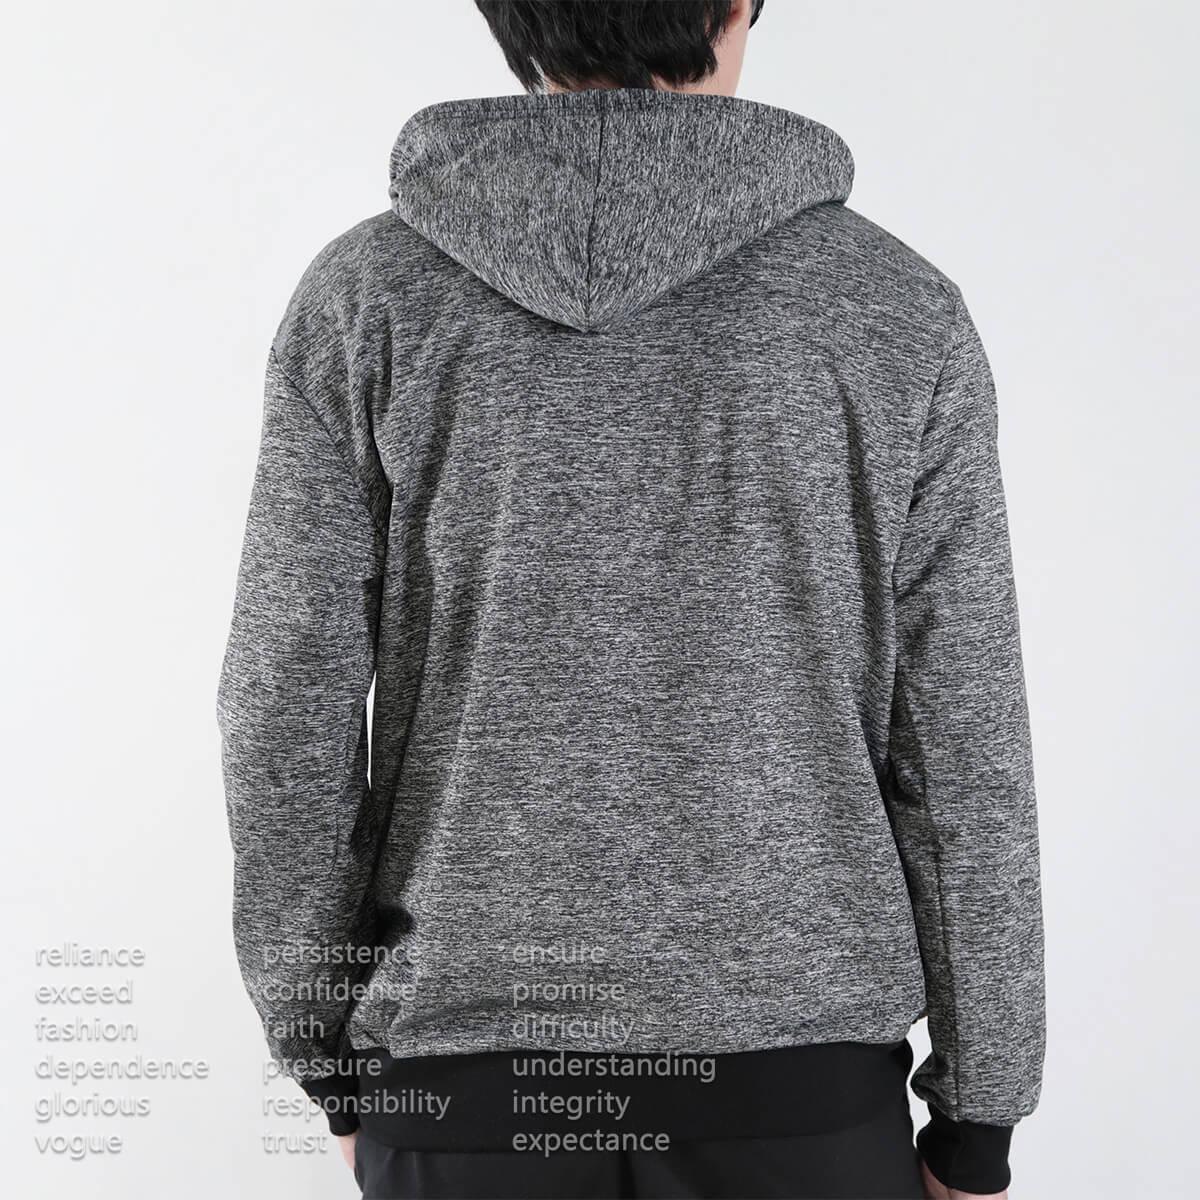 微刷毛紋理保暖帽T 連帽T恤 休閒連帽外套 長袖T恤 帽子T恤 連帽上衣 長袖上衣 休閒長TEE 灰色T恤 黑色T恤 LIGHT FLEECE LINED WARM HOODIE T-shirt (312-6071-21)黑色、(312-6071-22)灰色 XL 單一尺寸(胸圍46~48英吋) [實體店面保障] sun-e 9